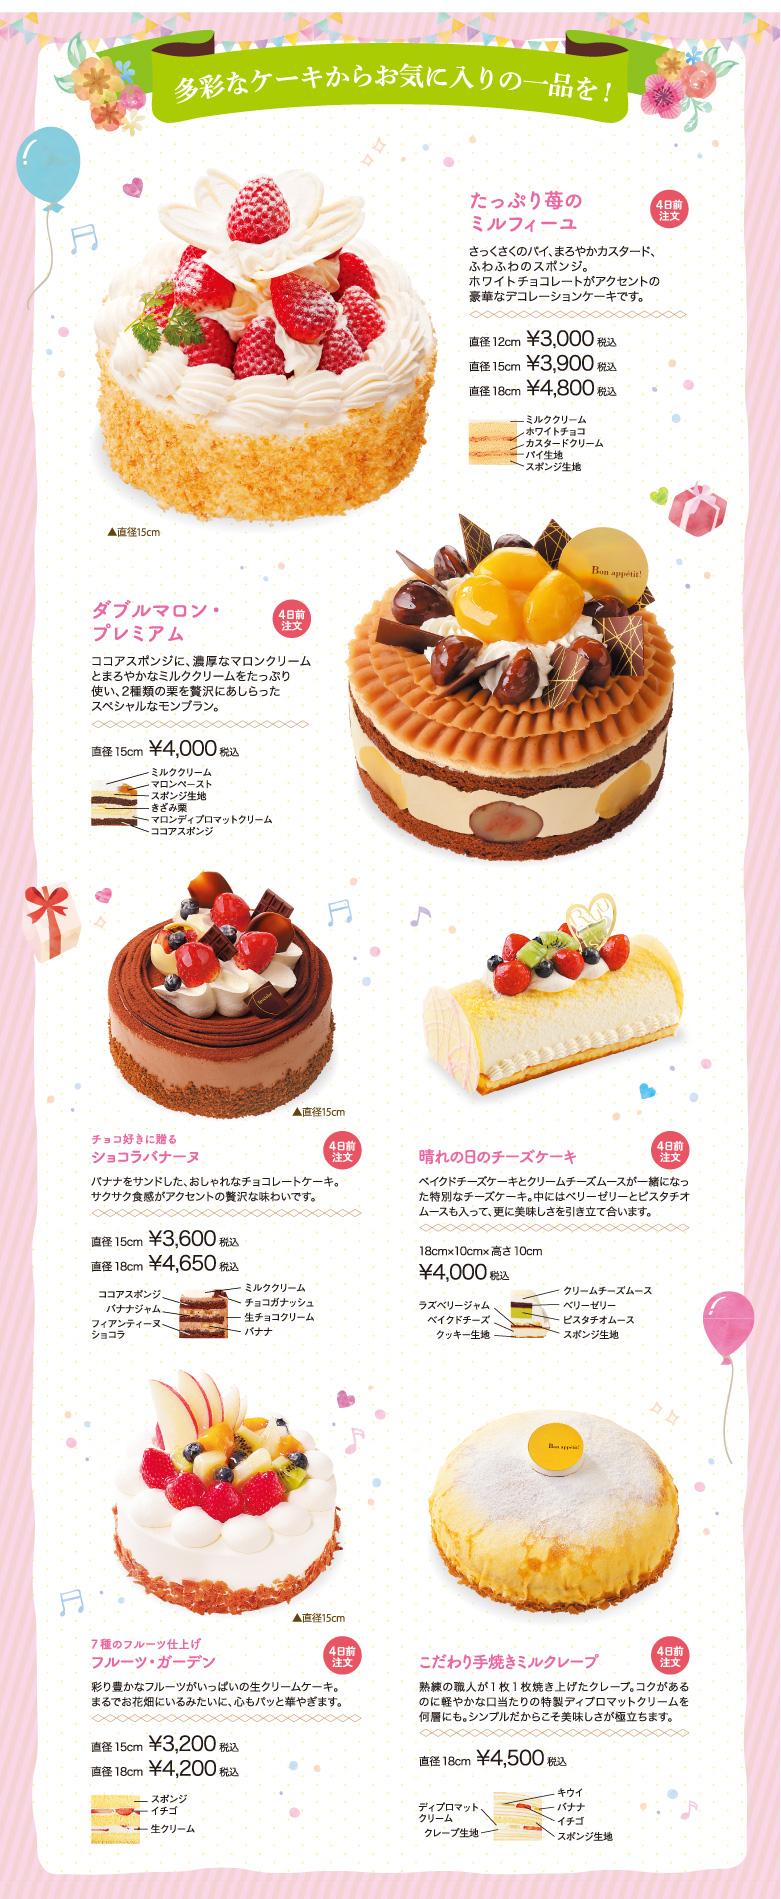 多彩なケーキからお気に入りの一品を!